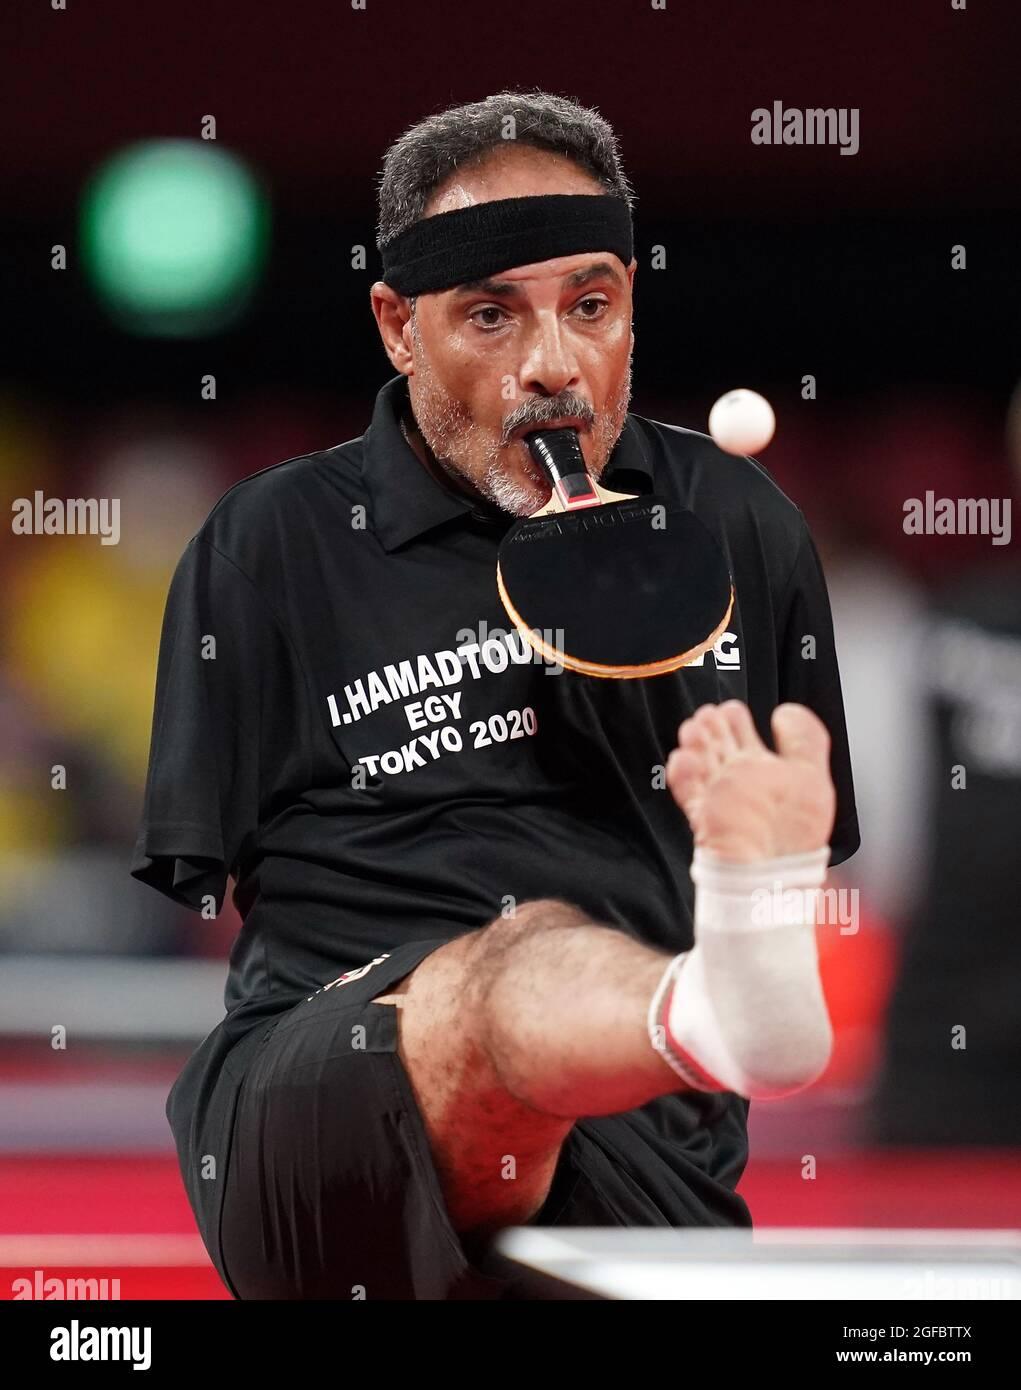 Der ägyptische Ibrahim Elhusseiny Hamadtou ist am ersten Tag der Paralympischen Spiele in Tokio 2020 in Japan beim Männer-Einzel-Tischtennis der Klasse 6 der Gruppe E im Tokyo Metropolitan Gymnasium in Aktion. Bilddatum: Mittwoch, 25. August 2021. Stockfoto